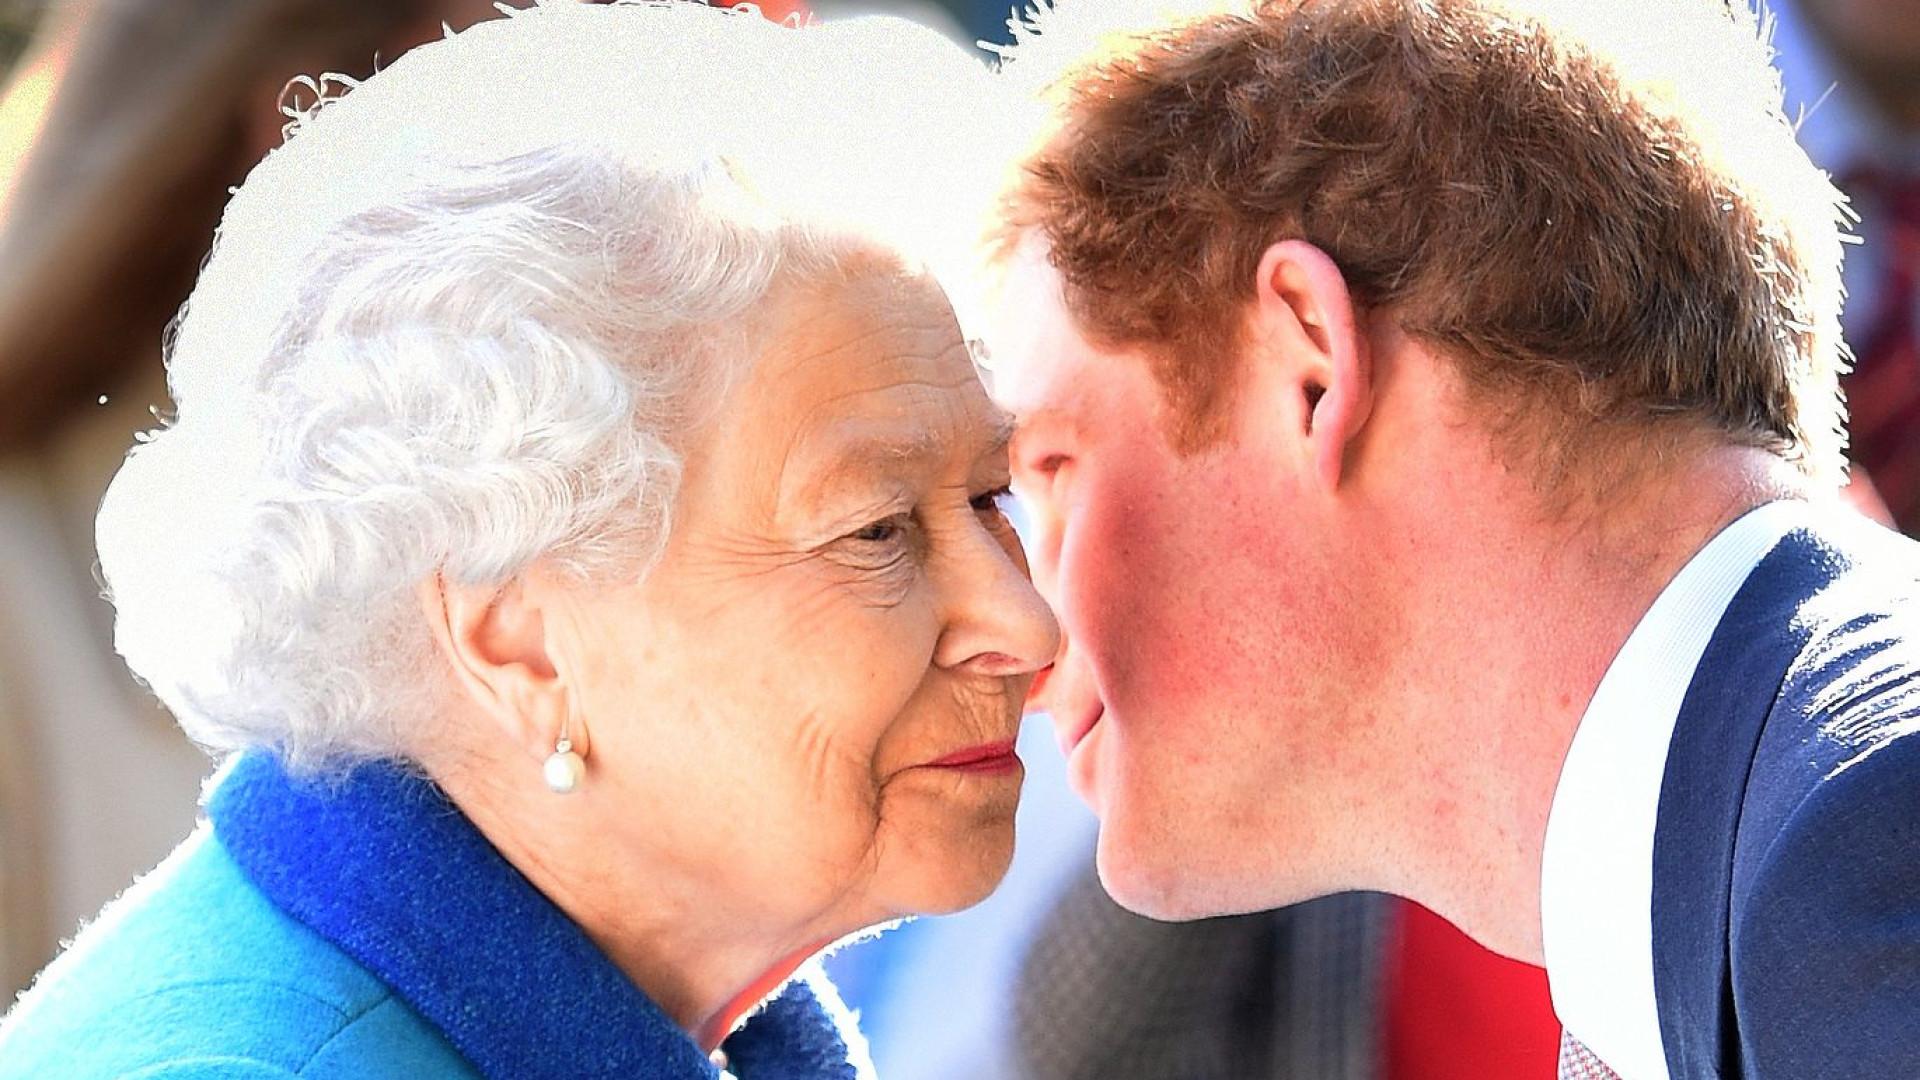 Rainha irá comemorar aniversário de 92 anos em concerto especial